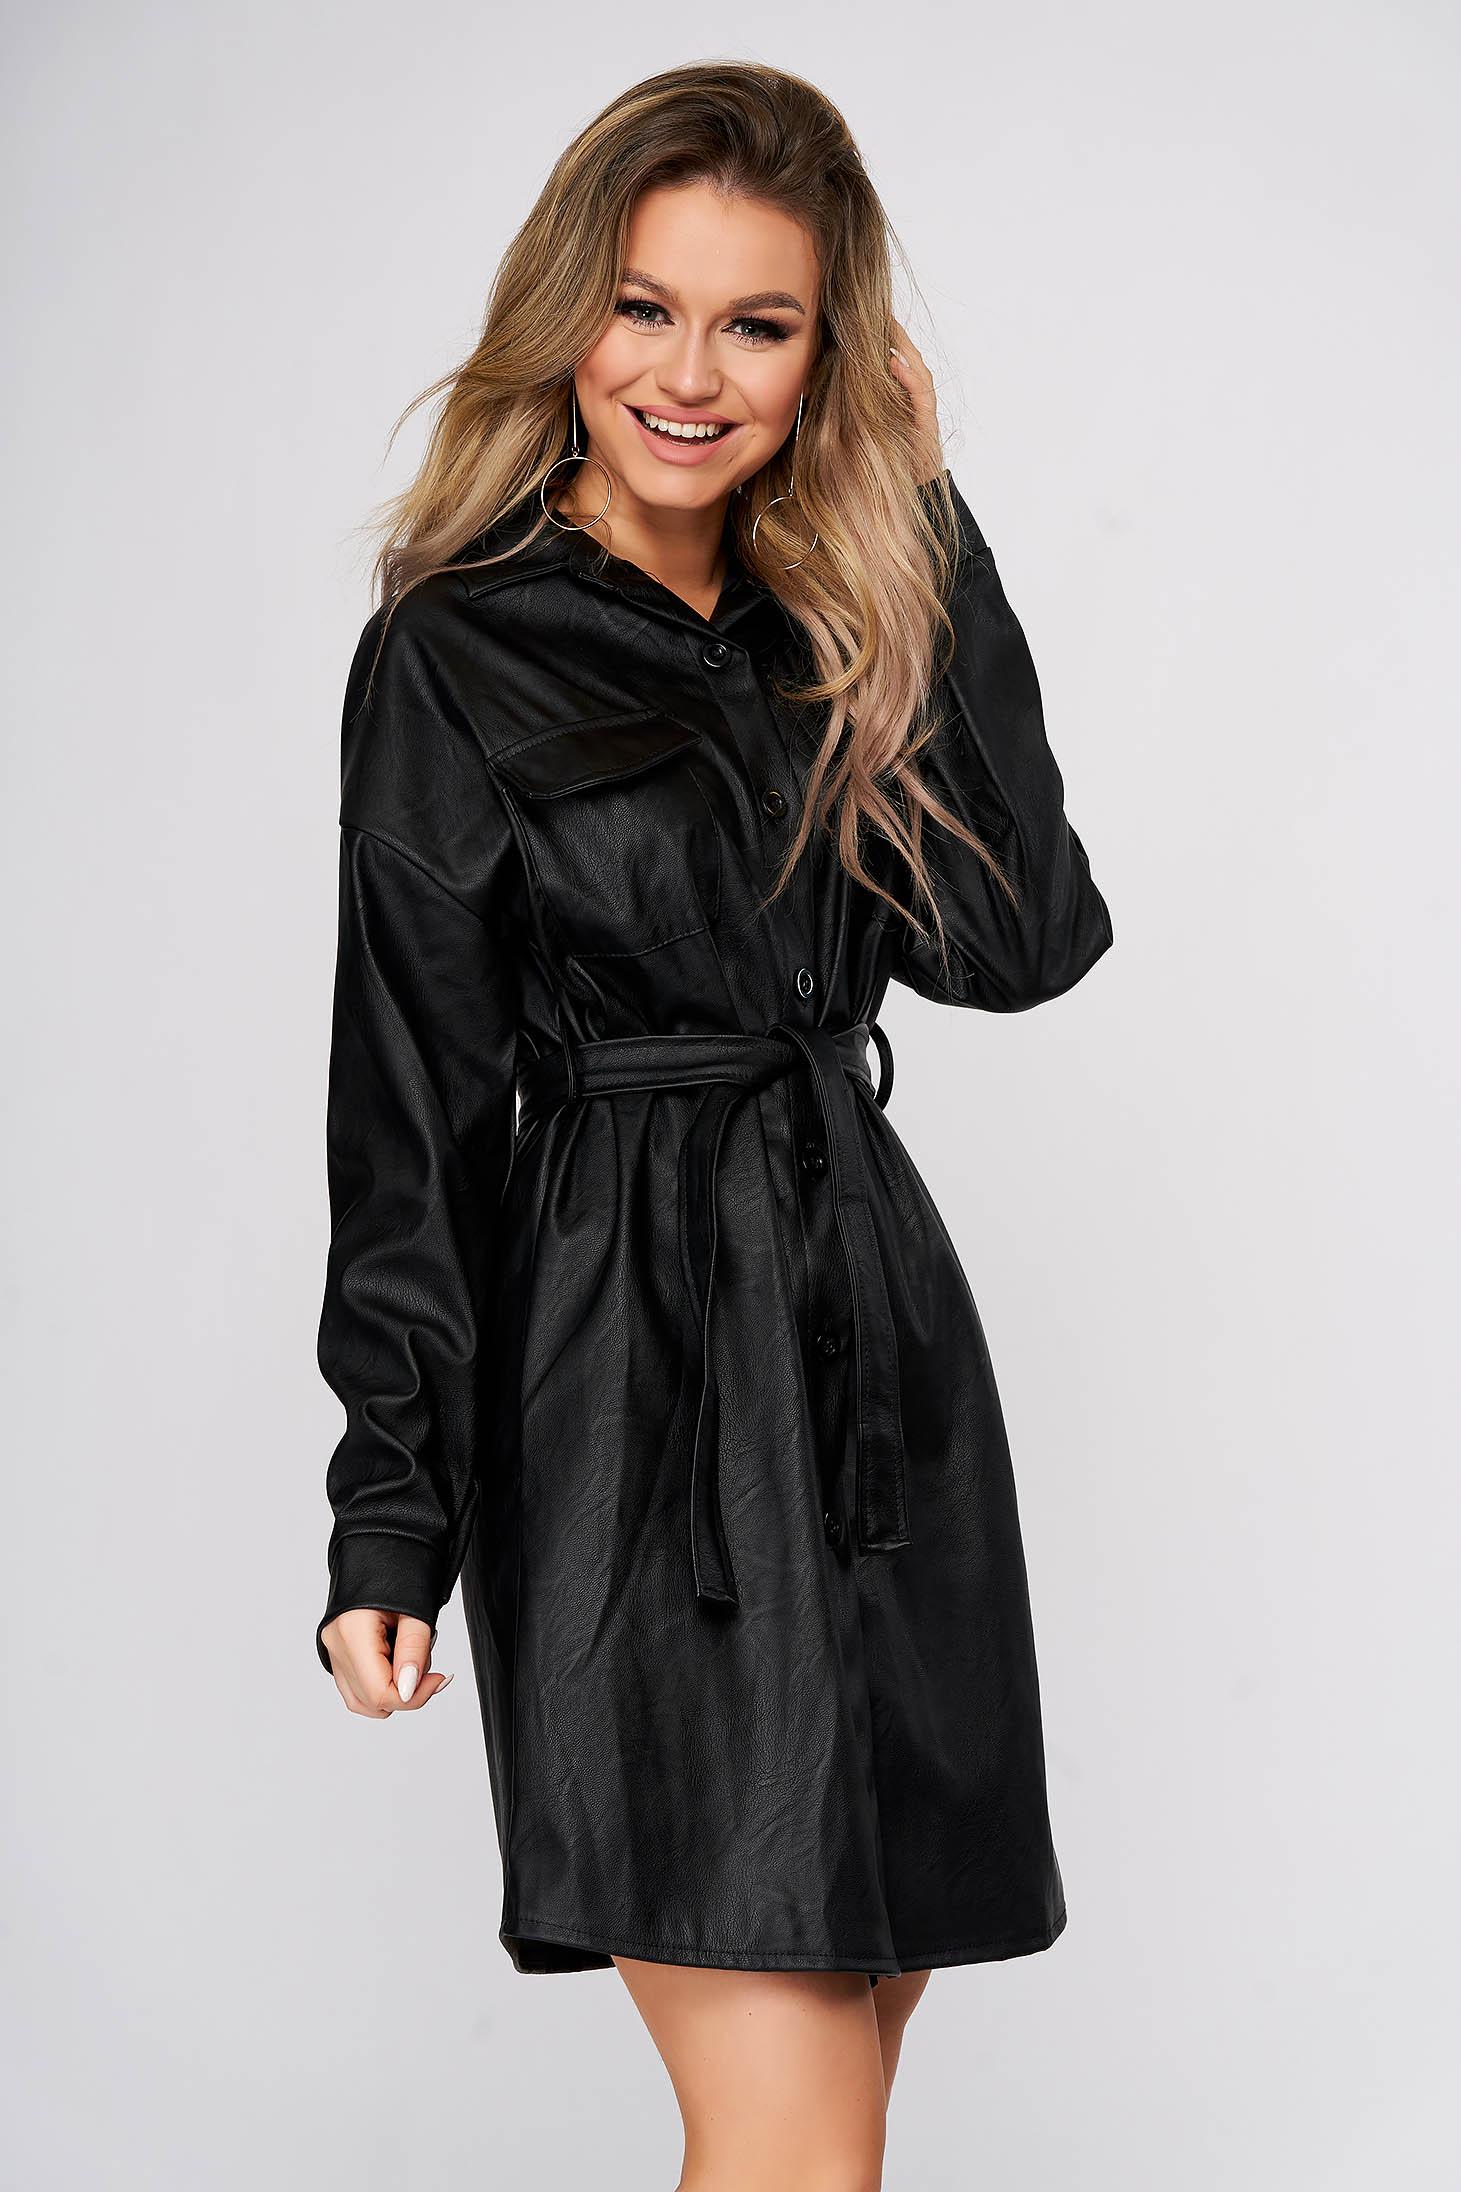 Fekete rövid egyenes casual ingruha műbőrből